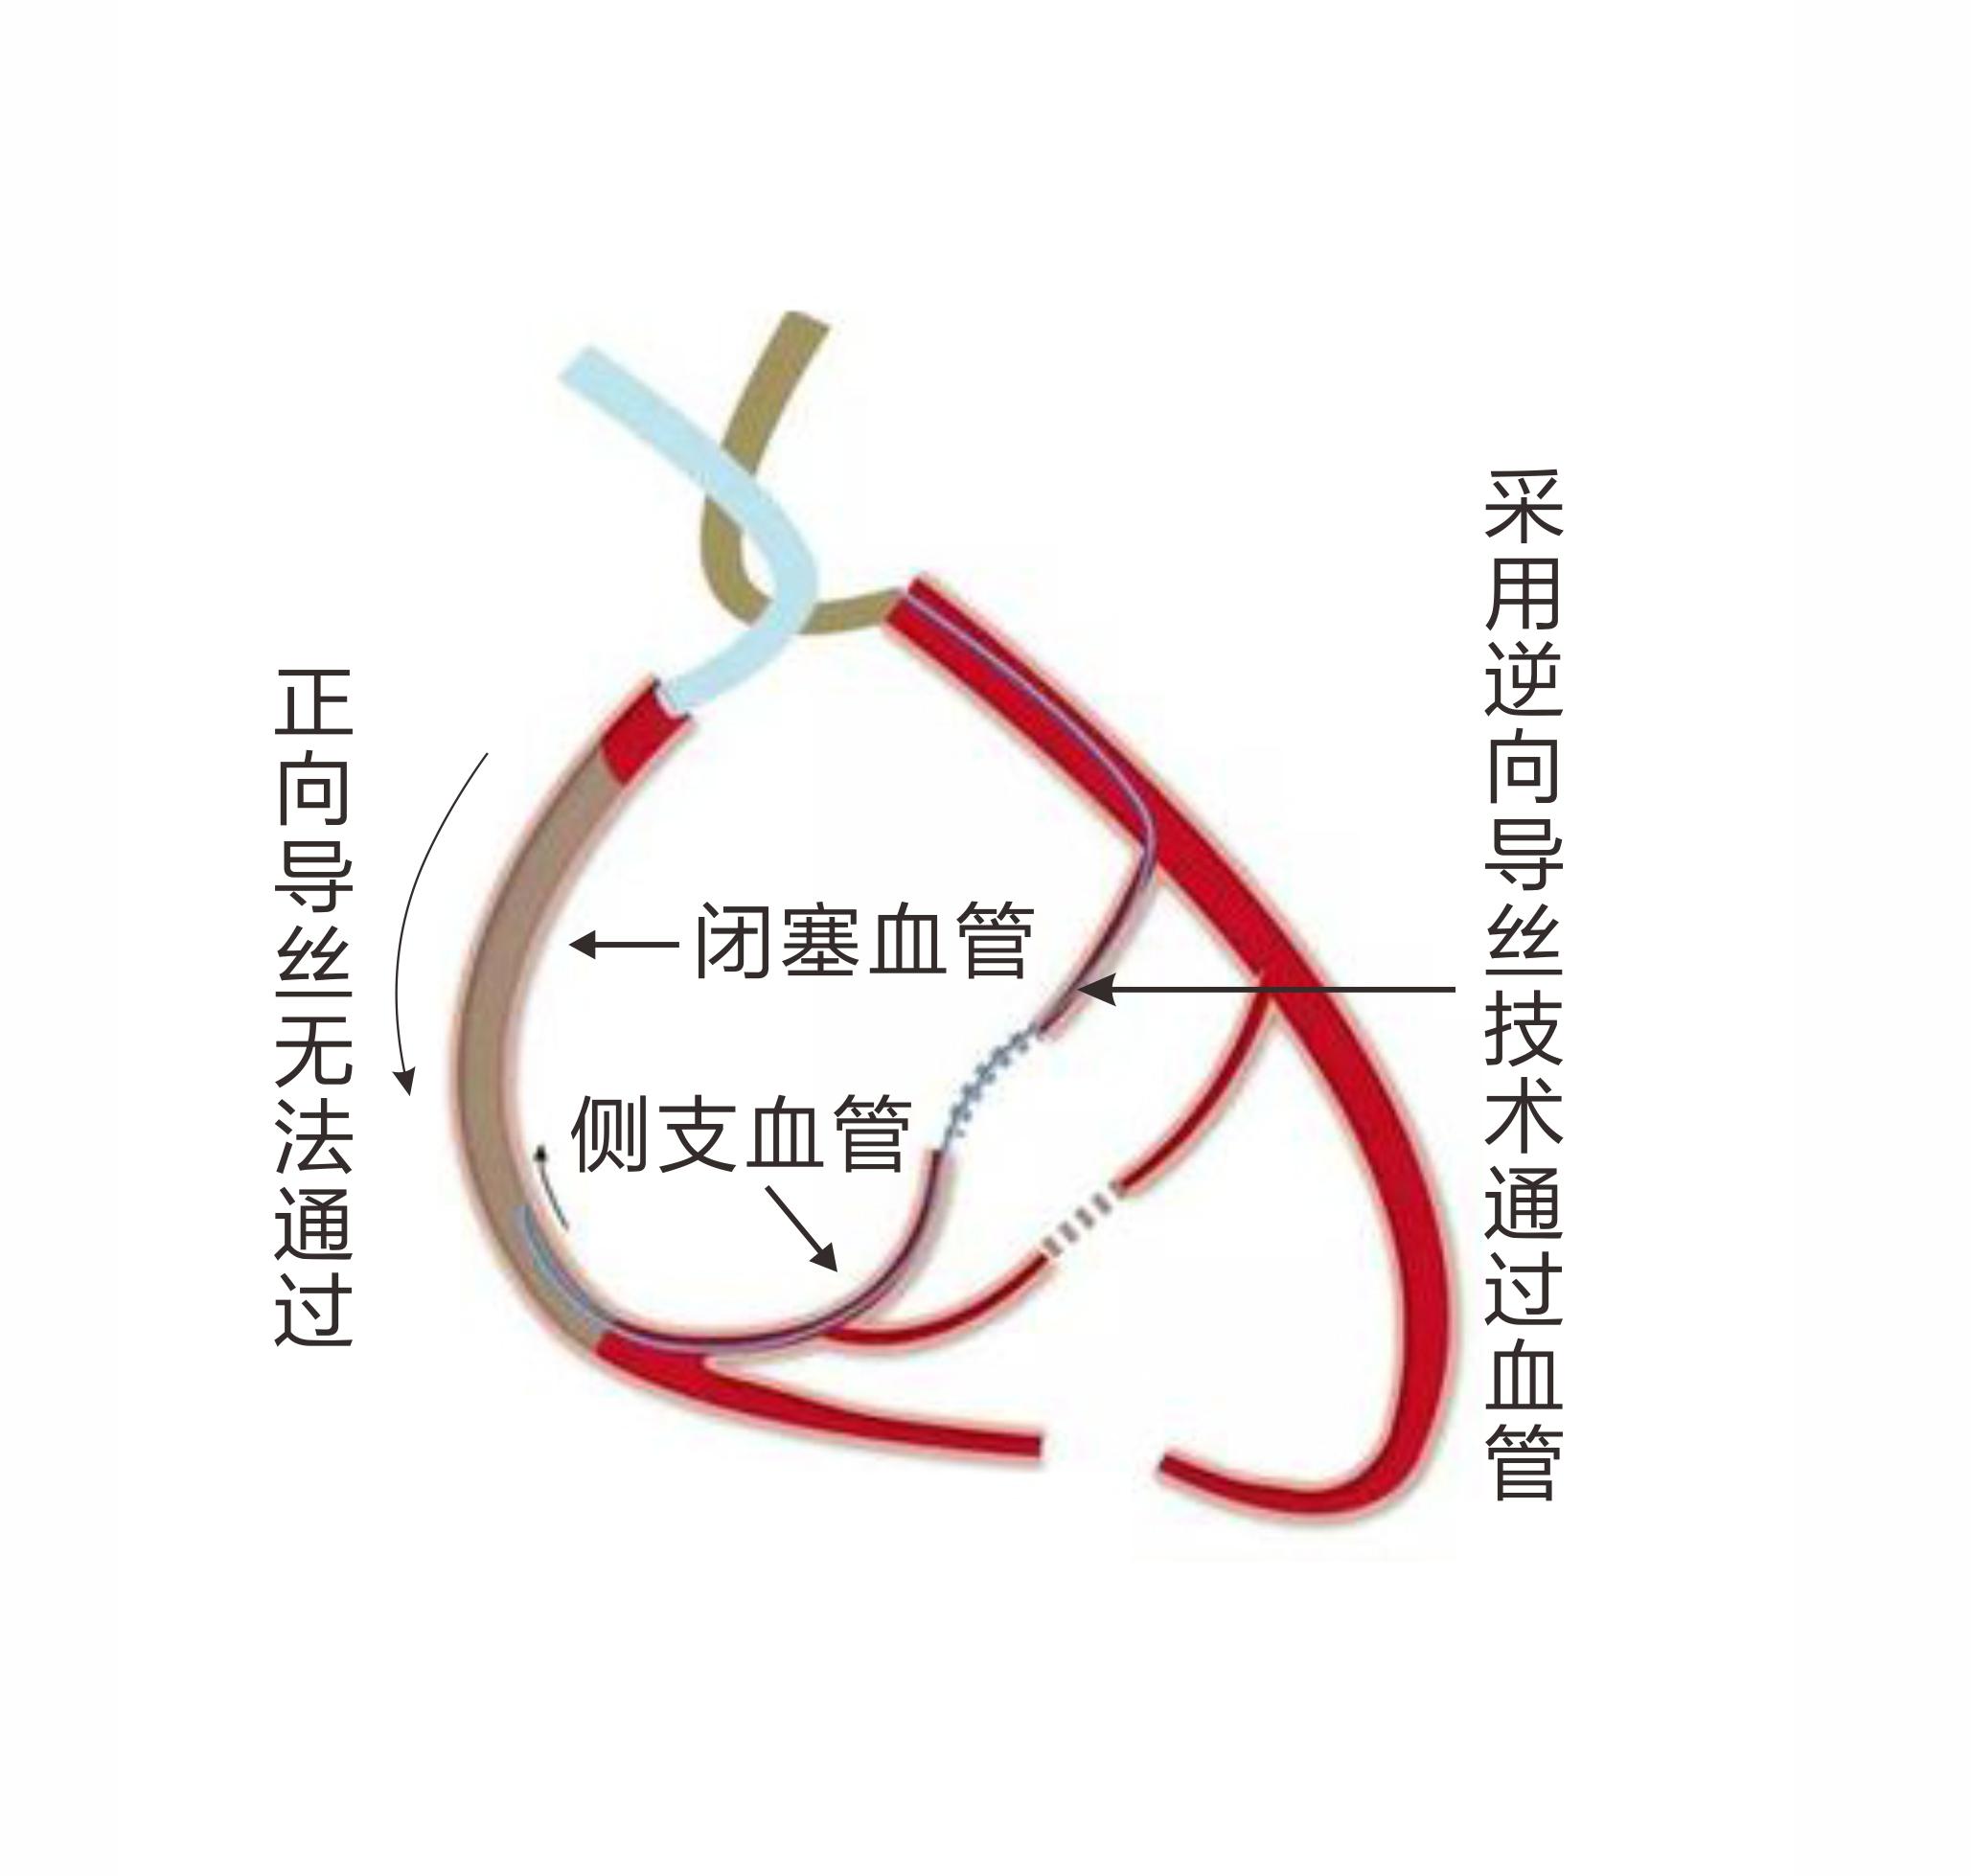 亚心医院成功应用逆向导丝技术治疗冠脉 CTO 病变